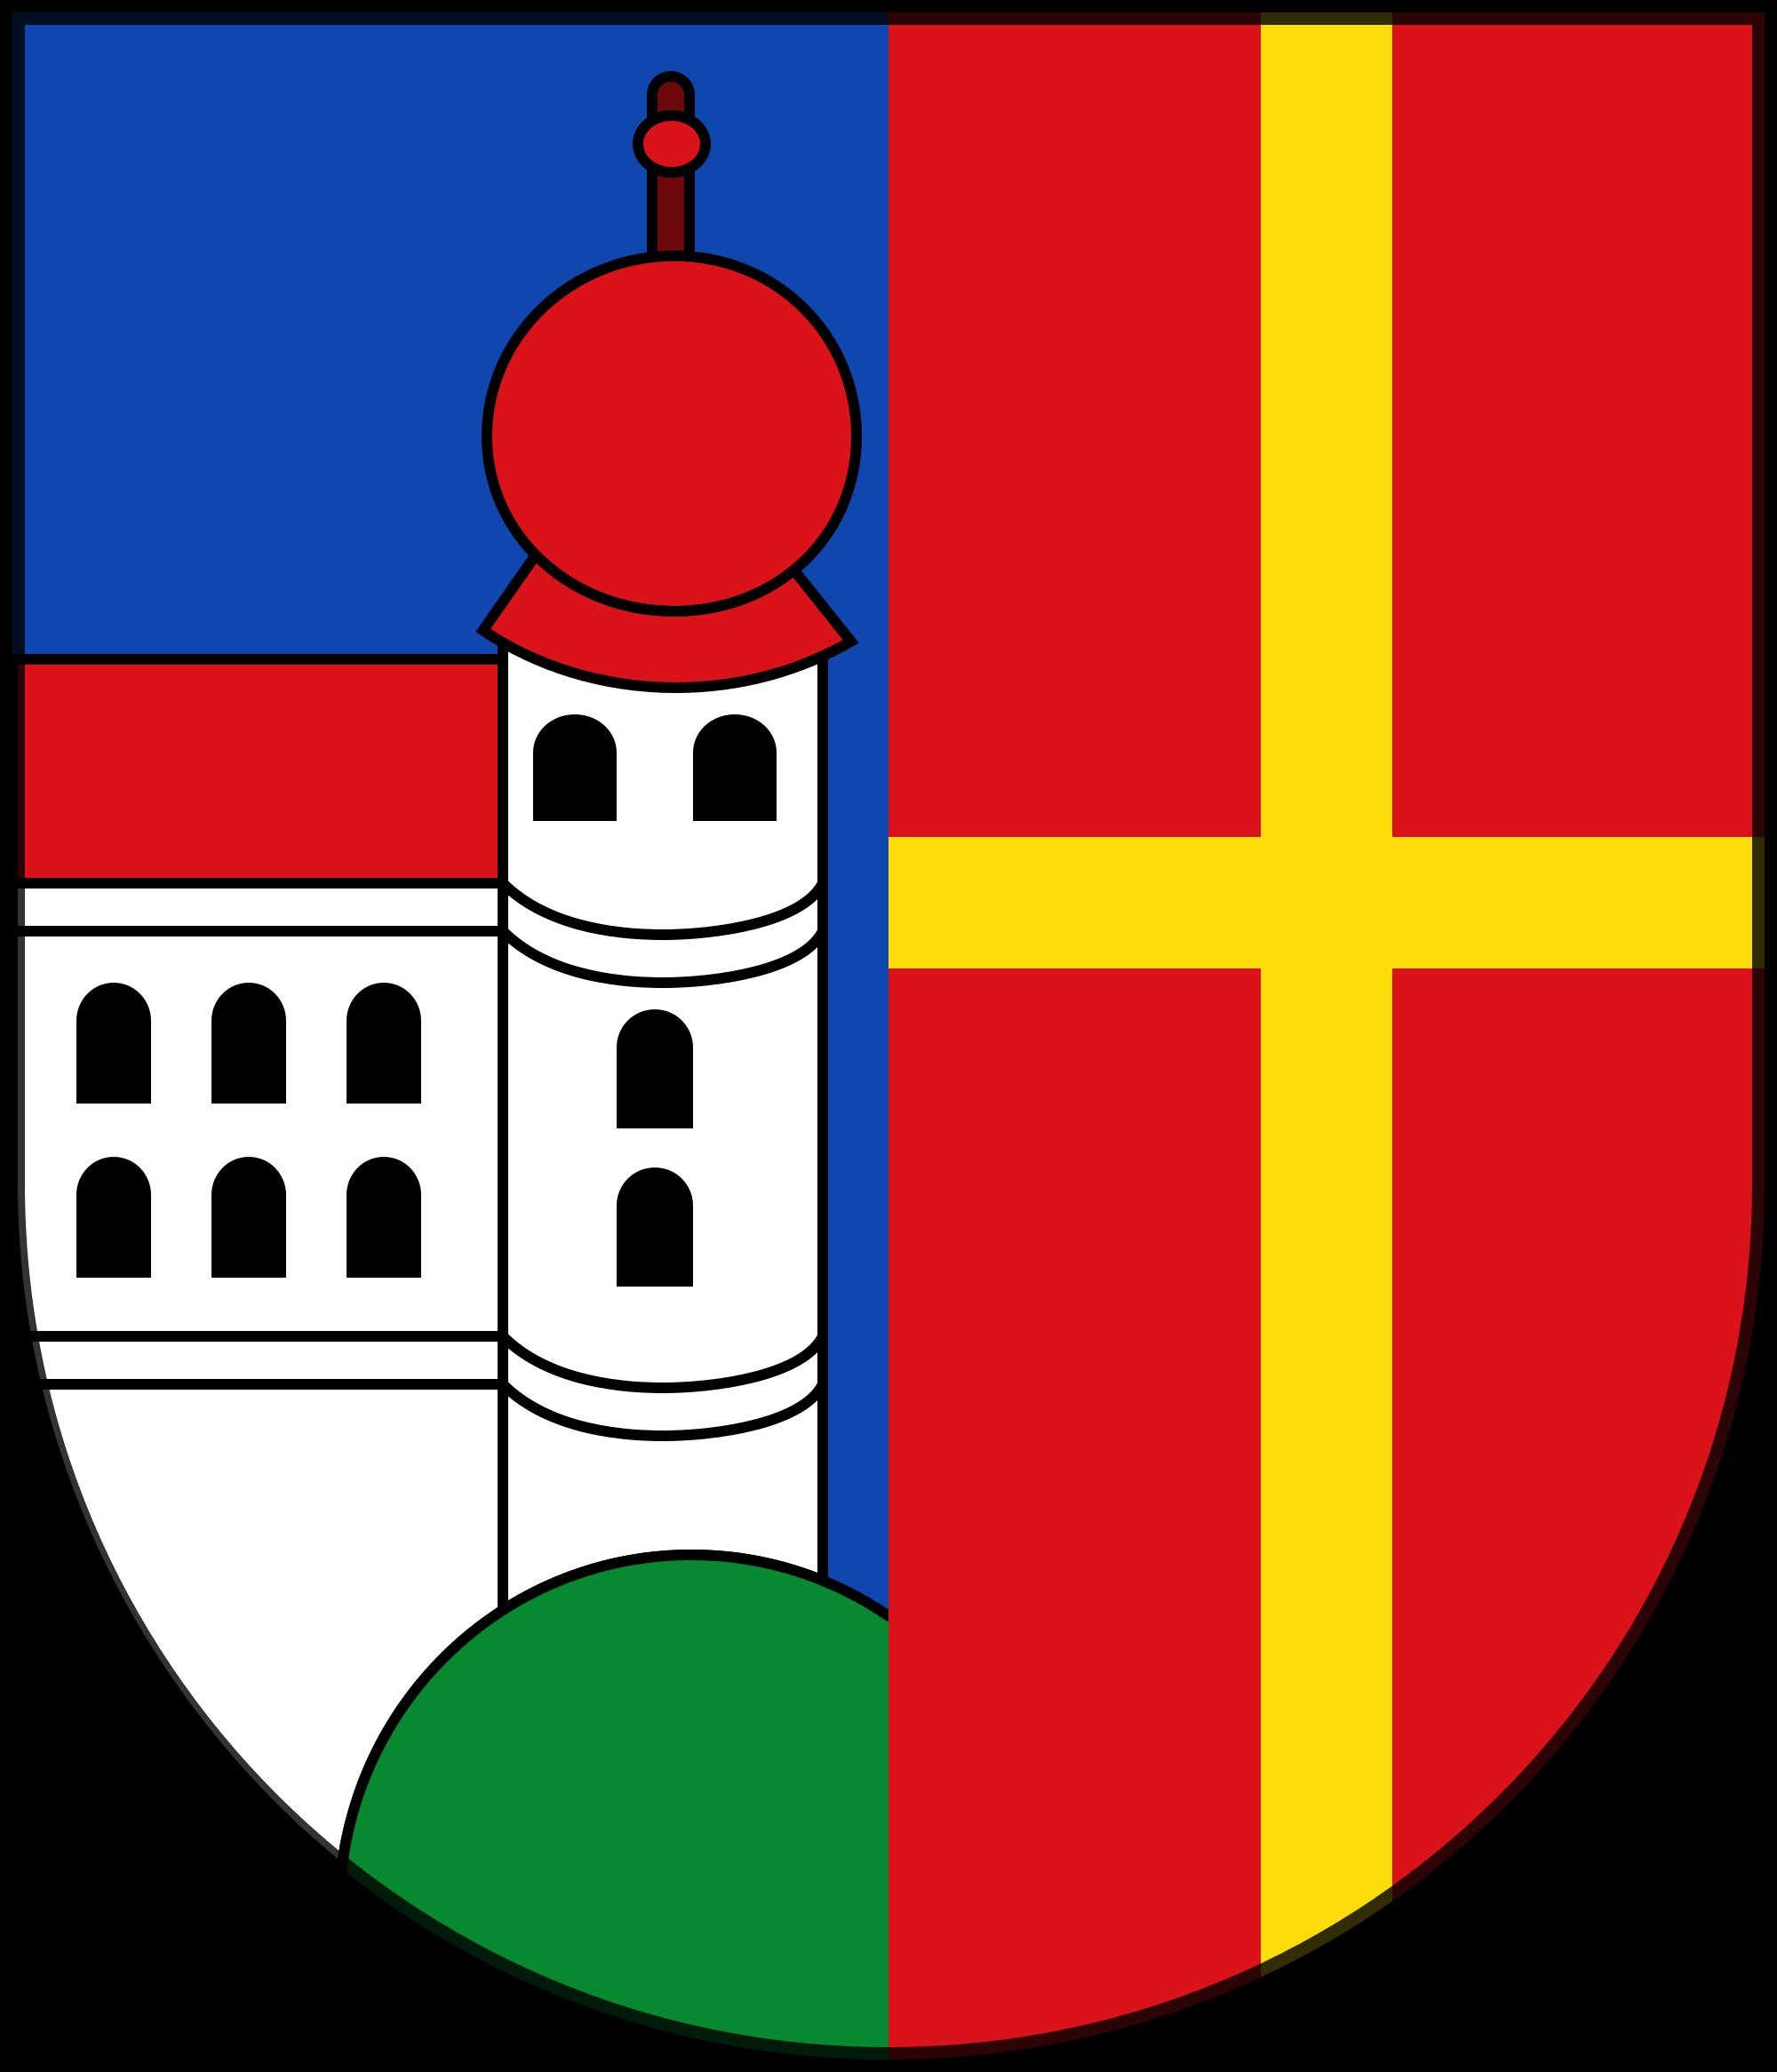 File:Wappen Schloß Neuhaus.svg.